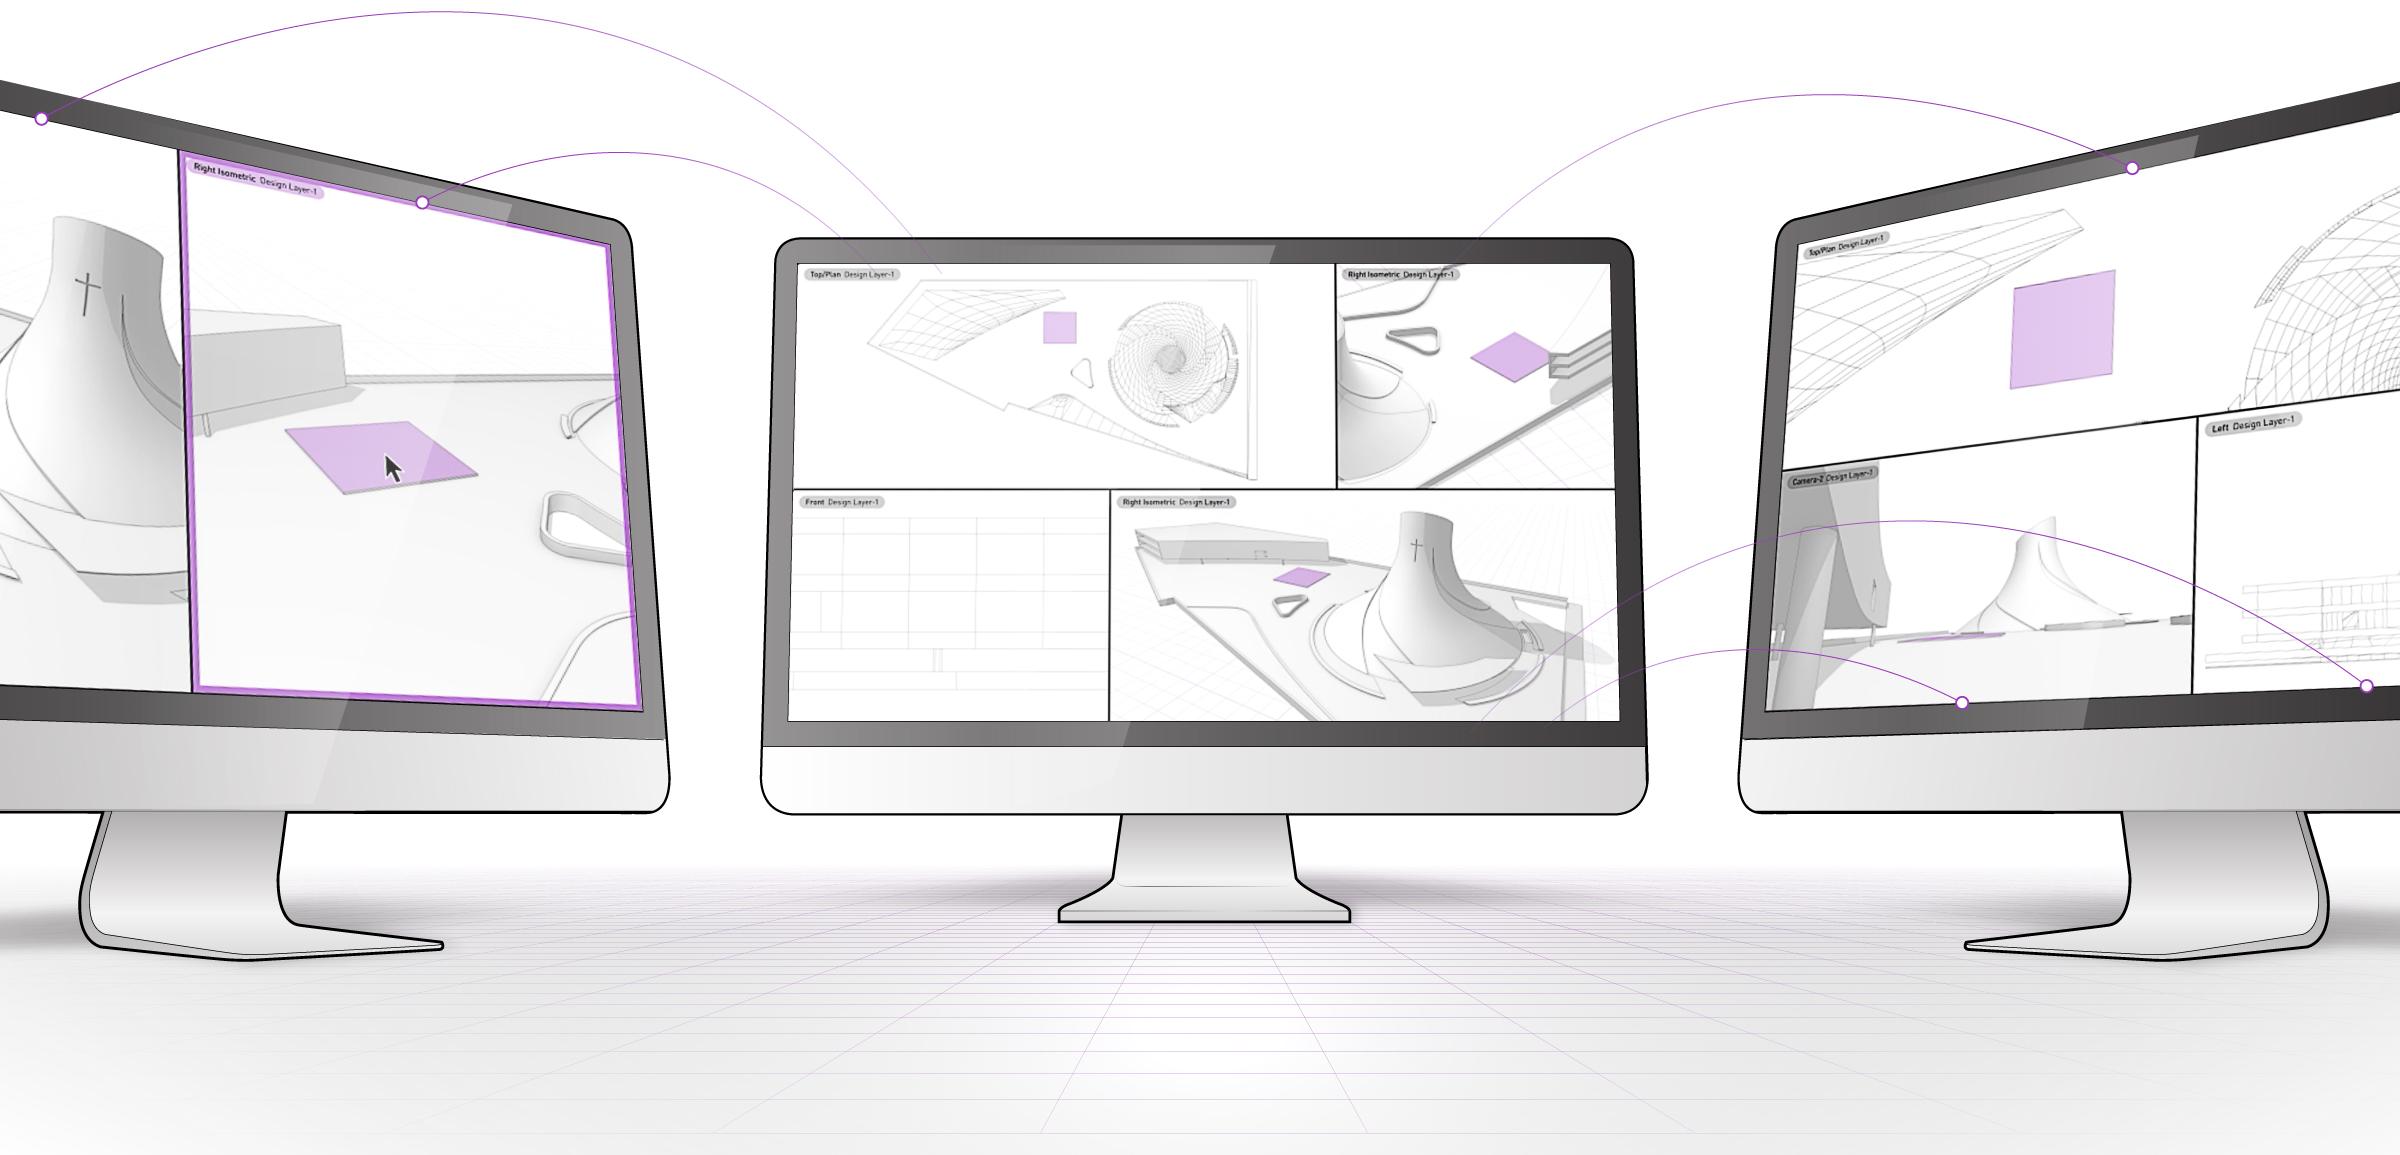 Vectorworks 2018 Design Software | 3D Modeling & 2D Drafting